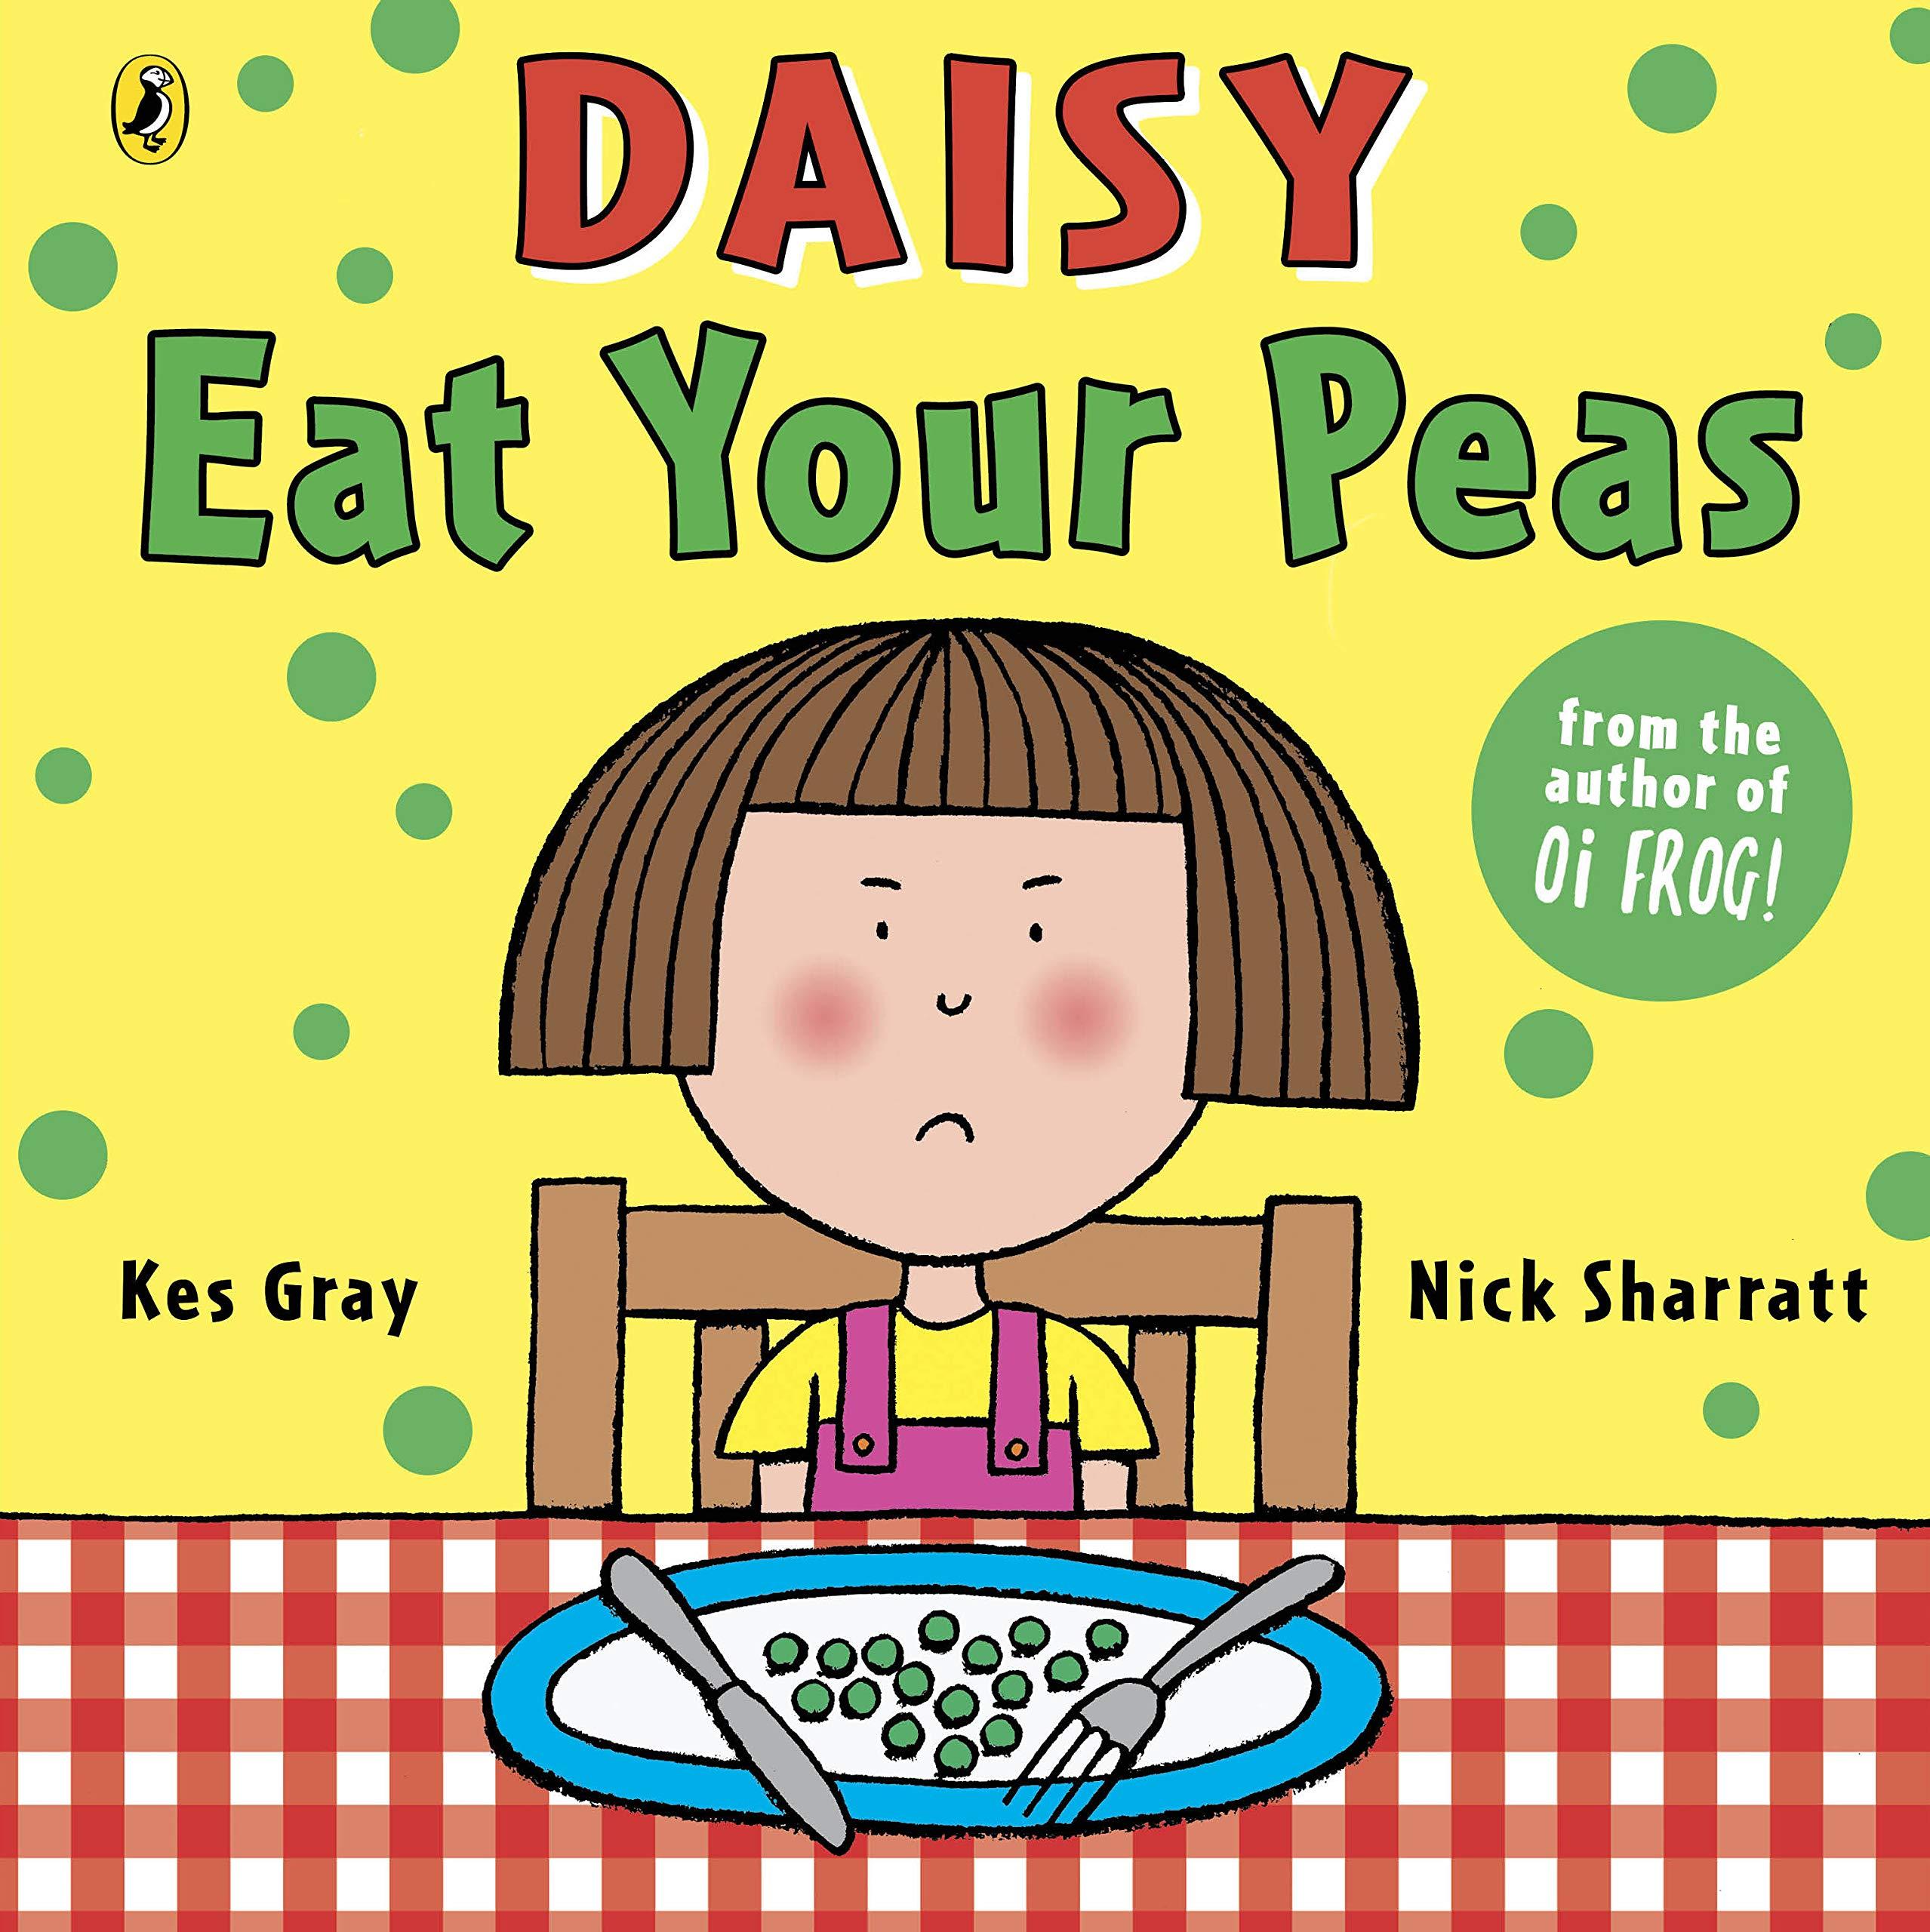 Daisy: Eat Your Peas (Daisy Picture Books): Amazon.co.uk: Gray, Kes,  Sharratt, Nick: 9781862308046: Books